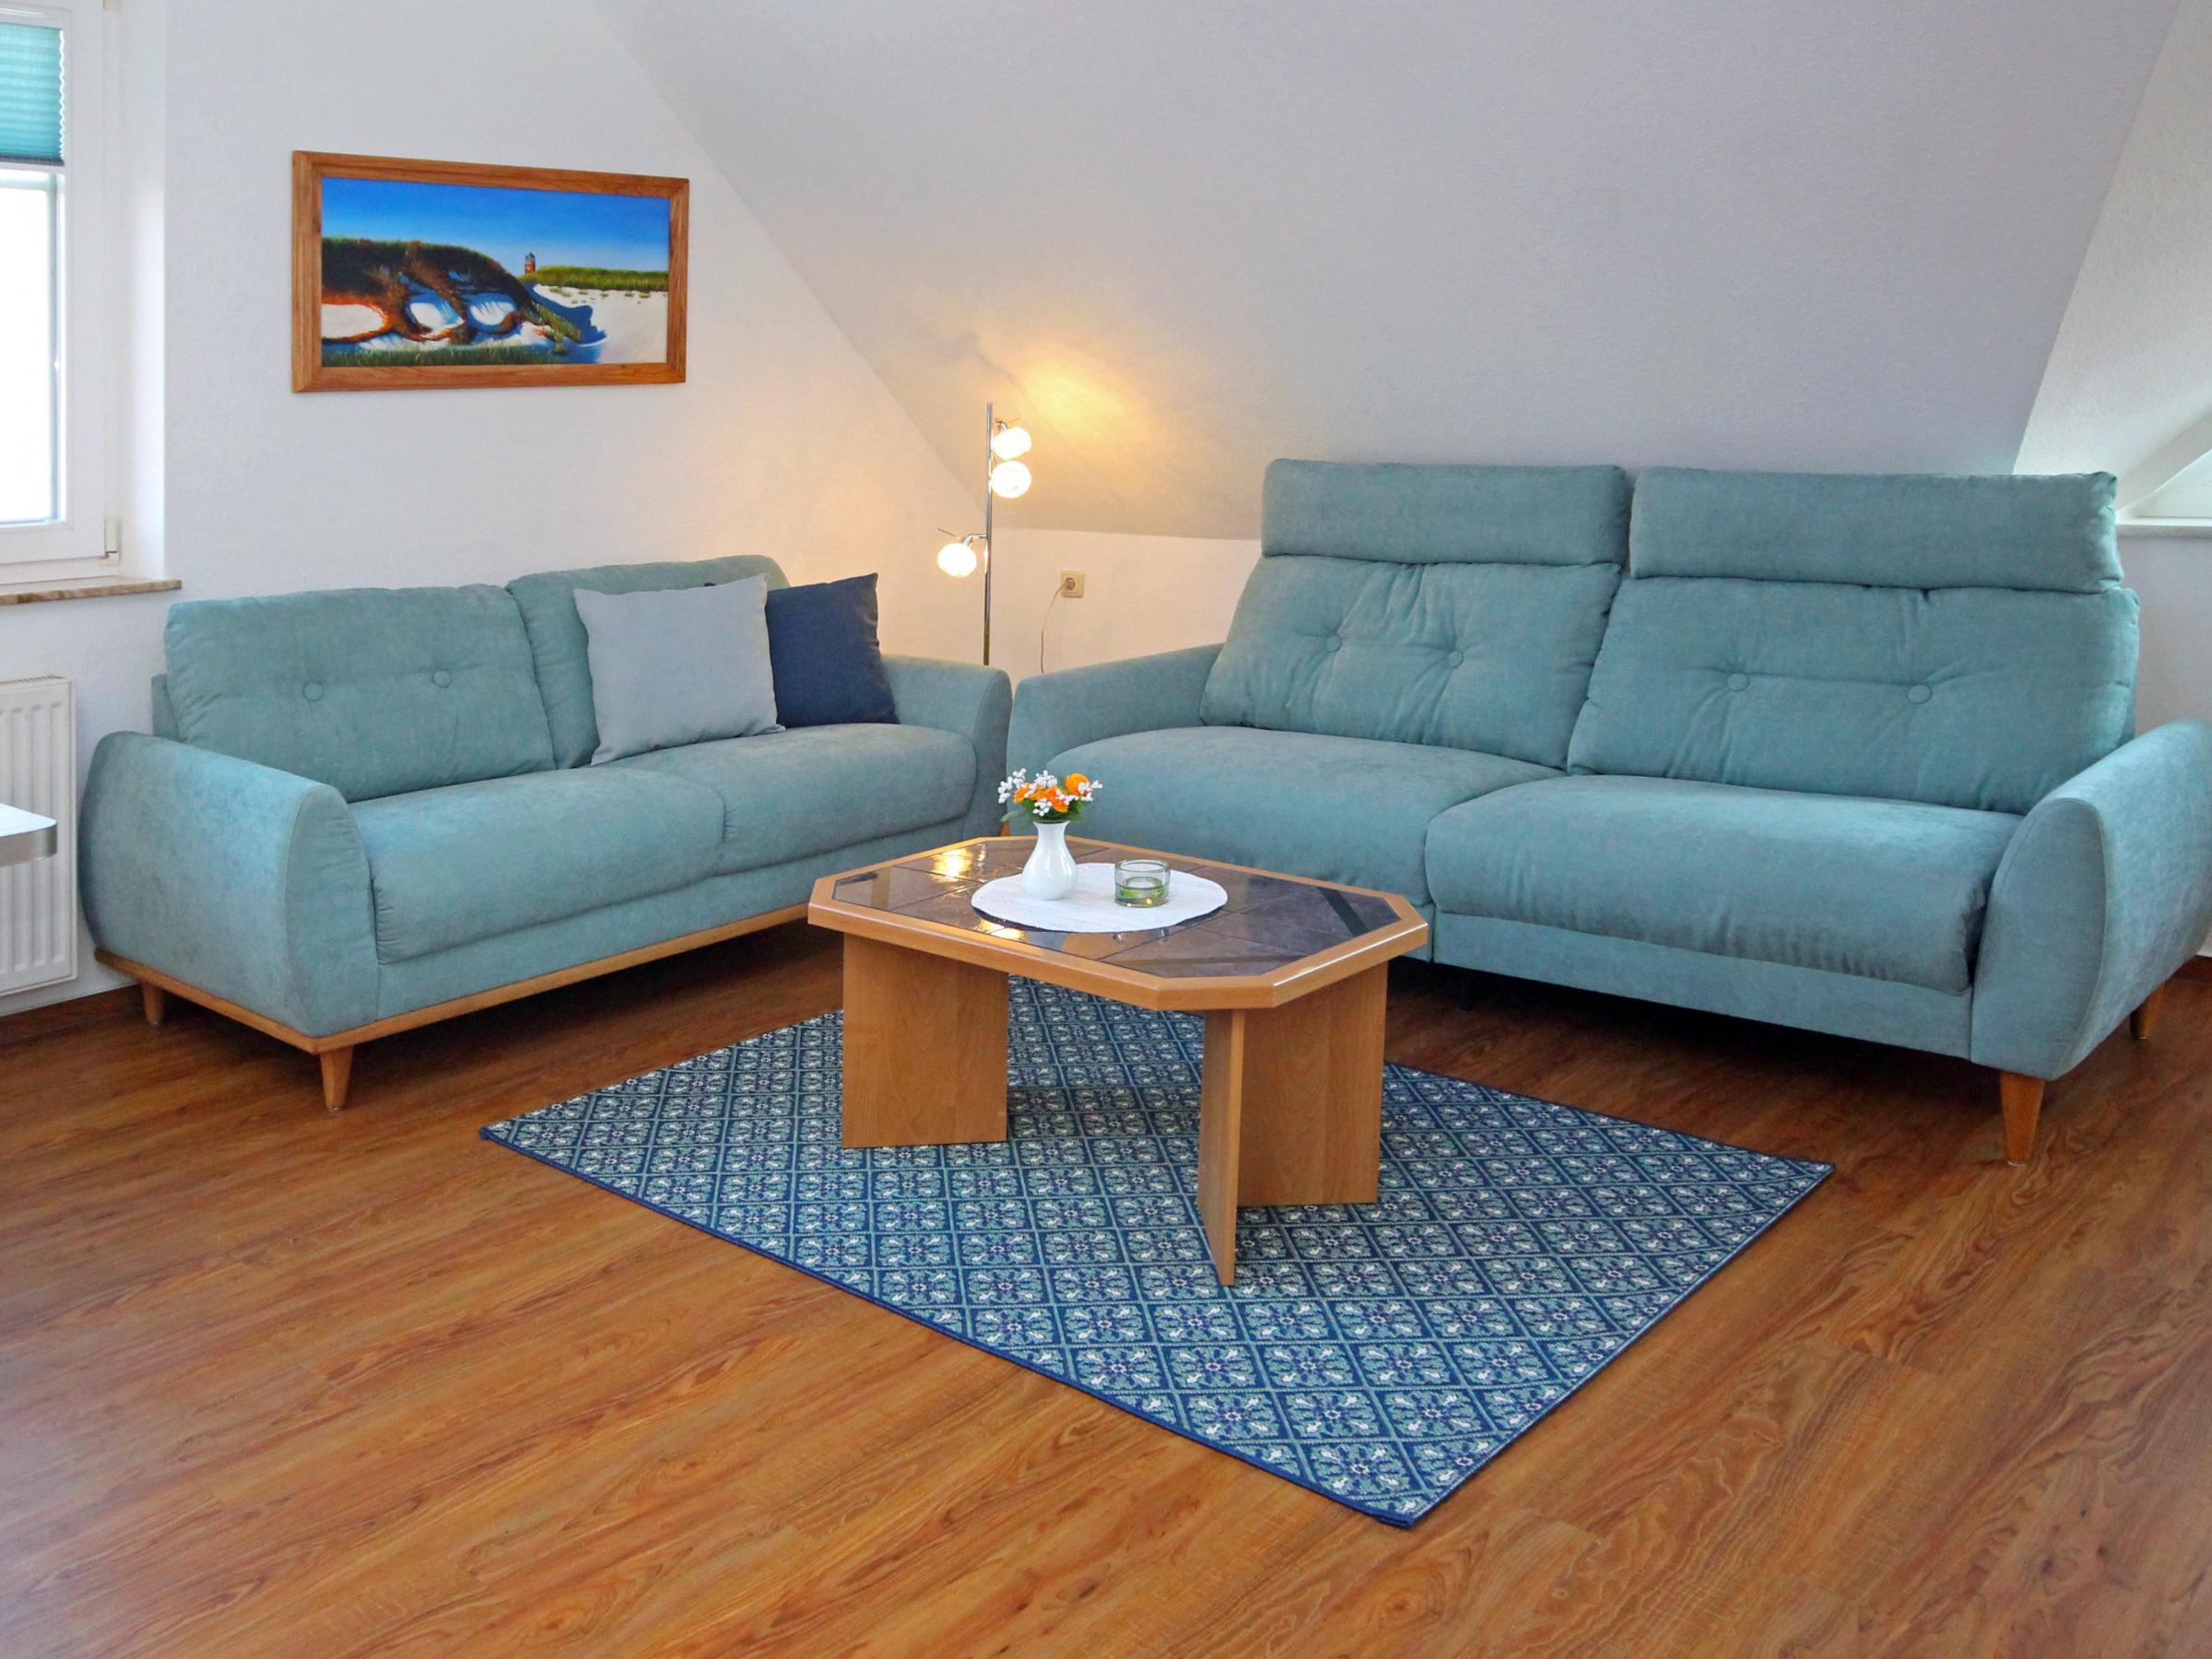 Nach dem Strand relaxen! Ein Knopfdruck genügt und das große Sofa wir zur komfortablen Liegefläche.